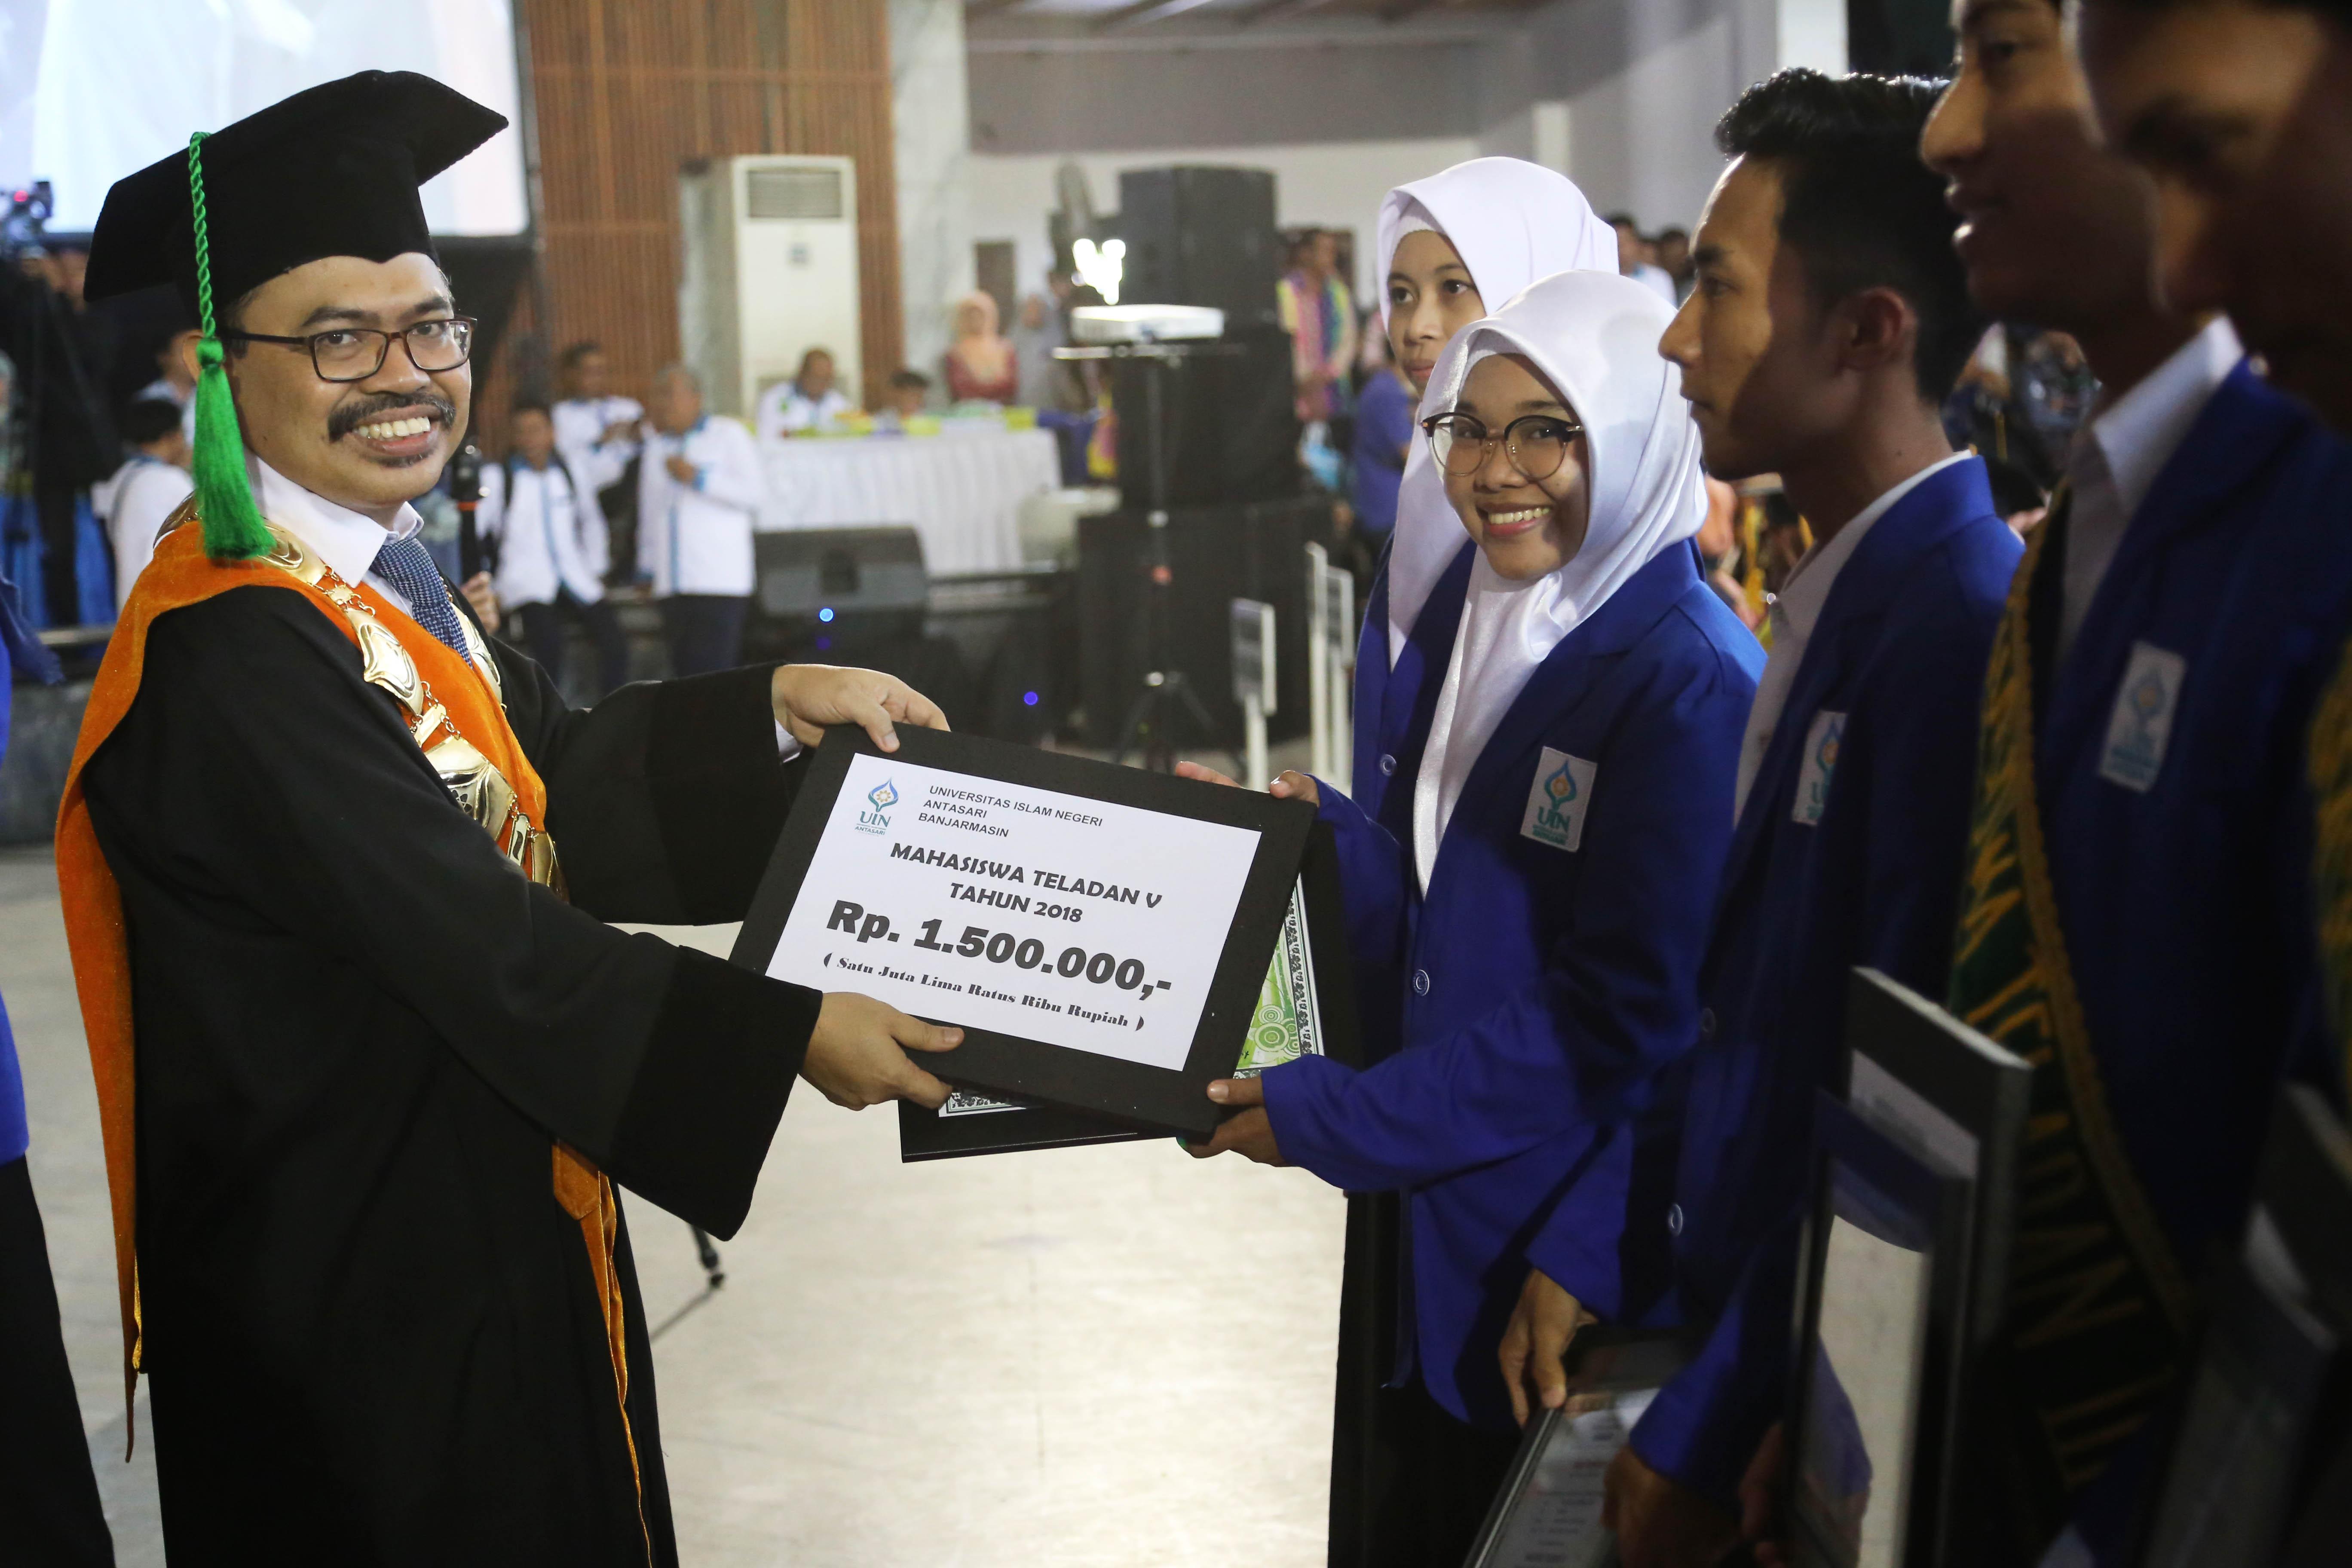 Rahmi Hartati Mahasiswi KPI Meraih Peringkat ke-5 Mahasiswa Teladan Tingkat Universitas Tahun 2018